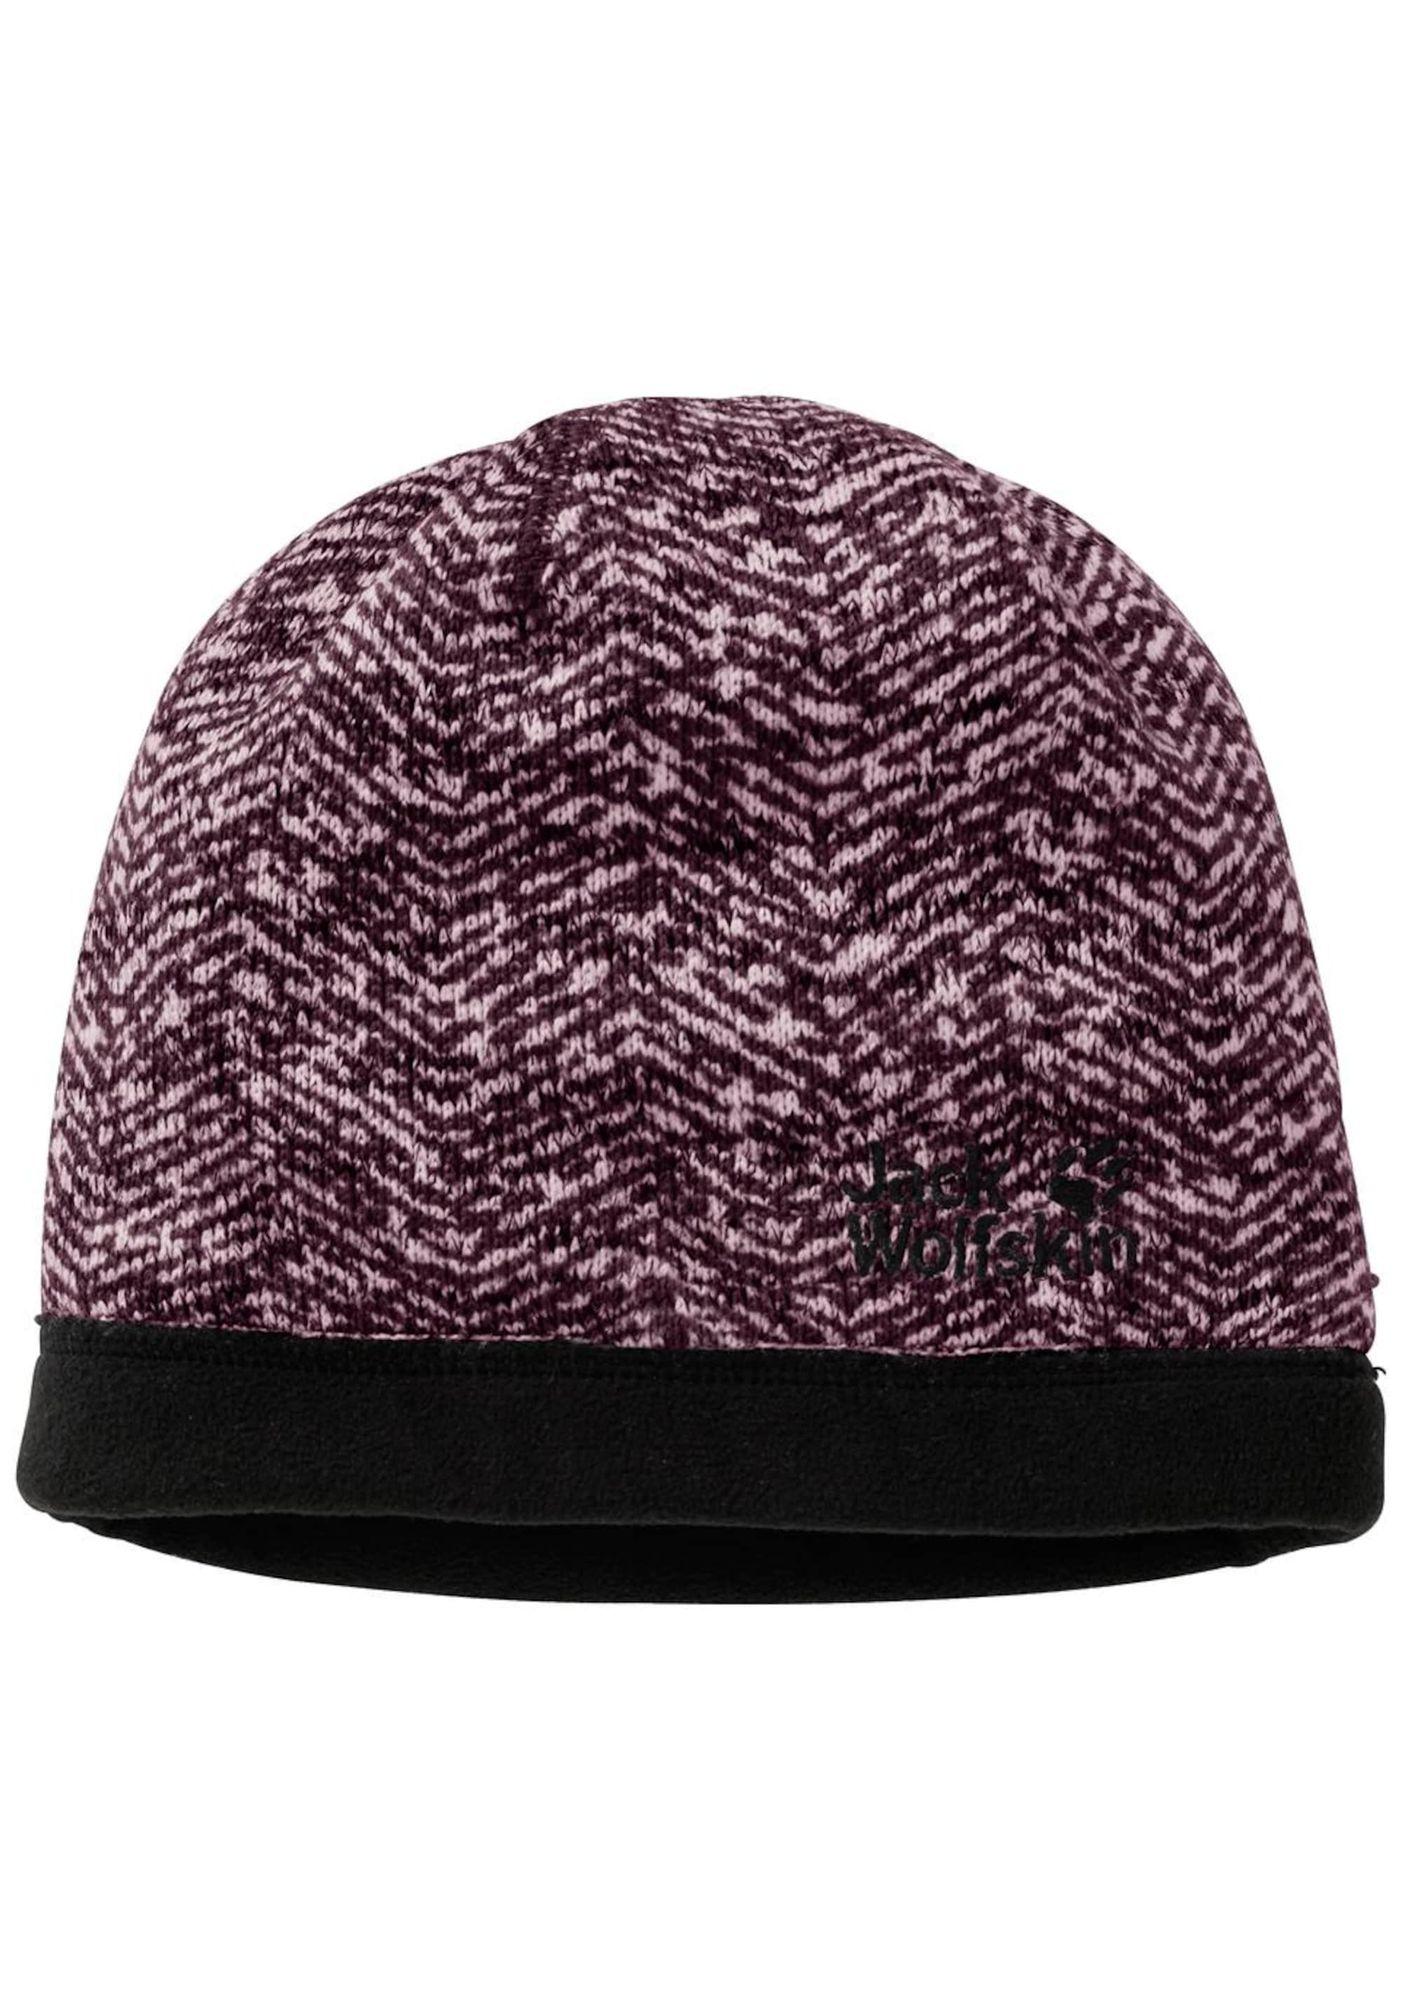 Mütze ´BELLEVILLE CROSSING´